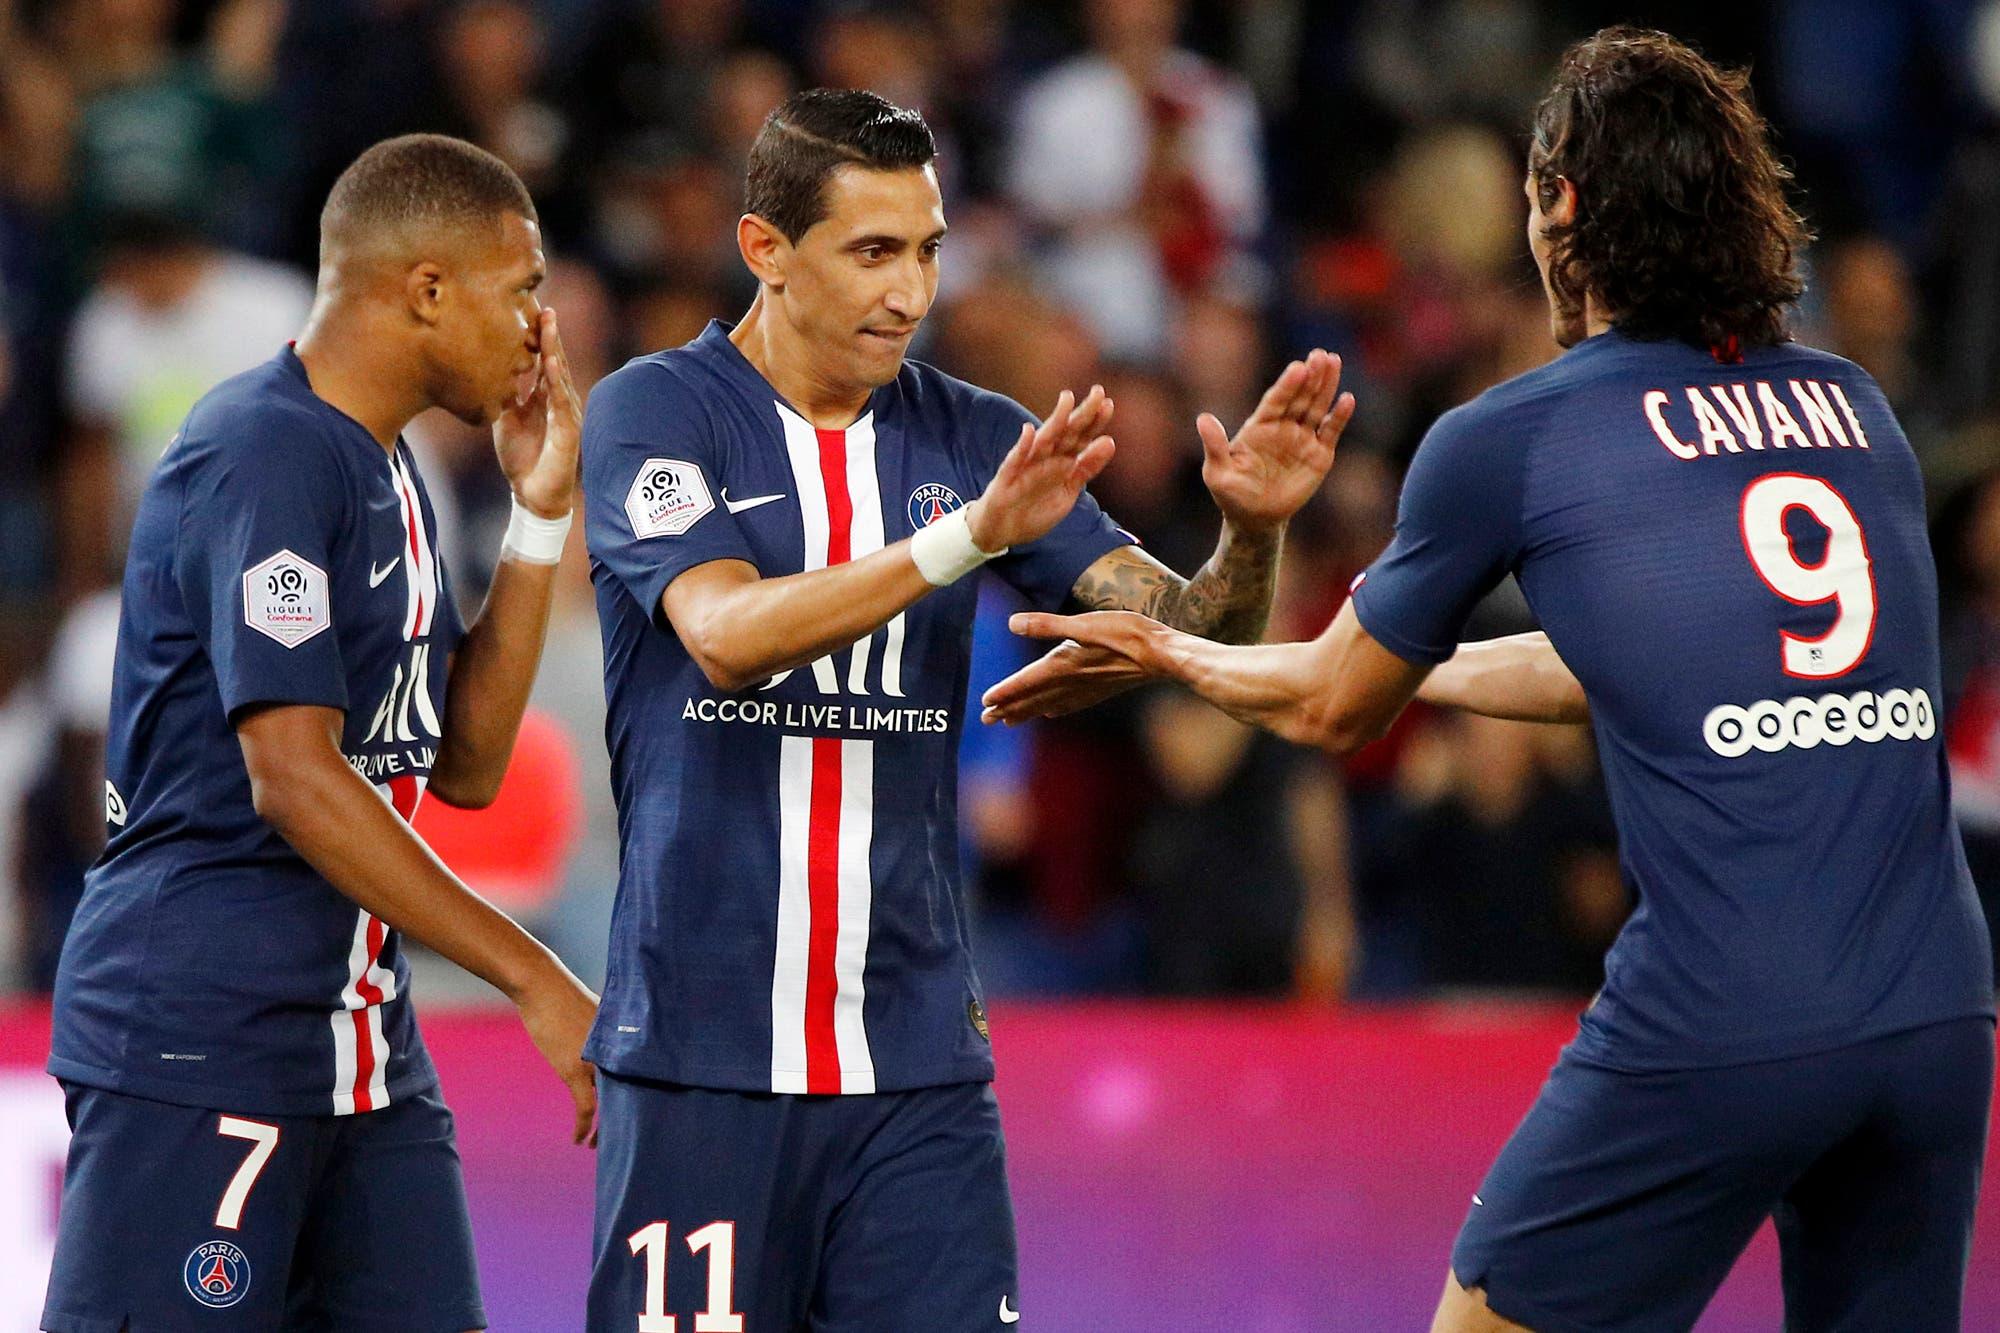 Los hinchas de PSG se hartaron de Neymar y festejaron un gol de Di María